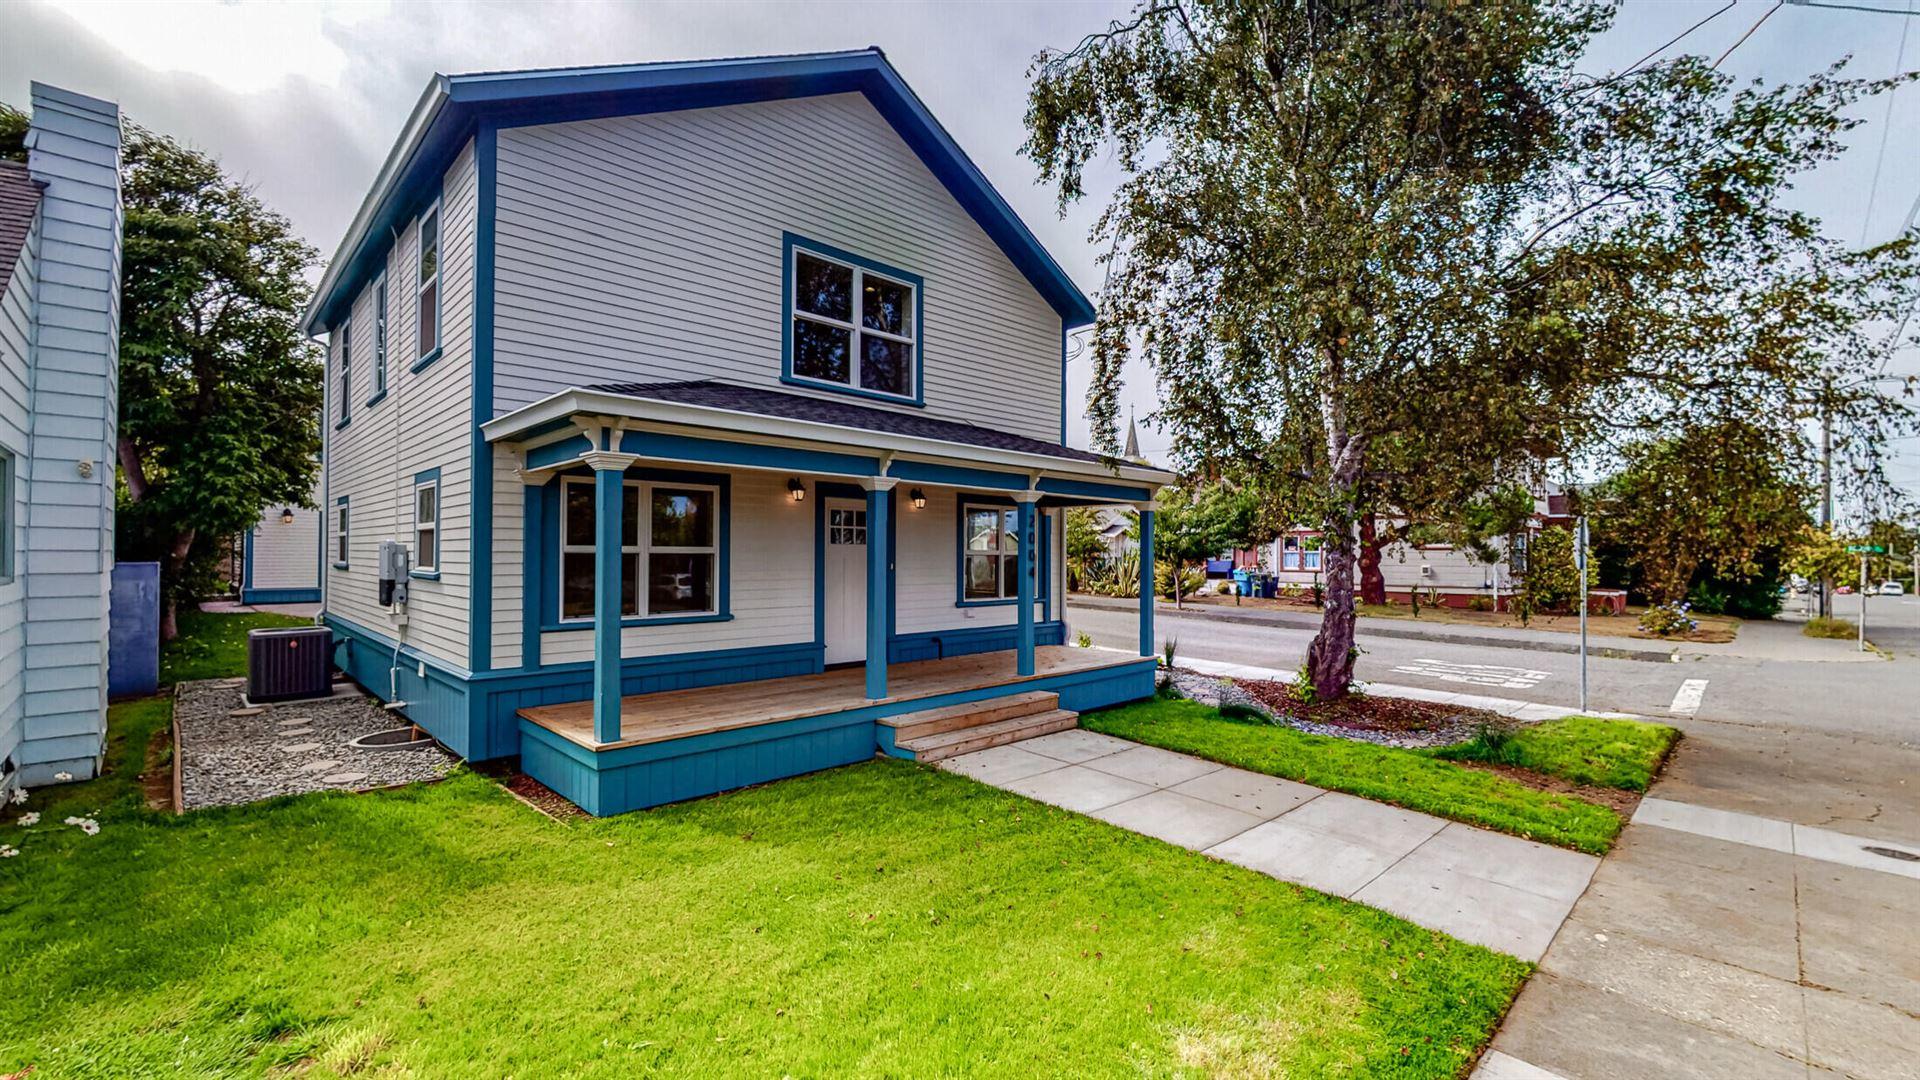 2004 G Street, Eureka, CA 95501 - MLS#: 259761